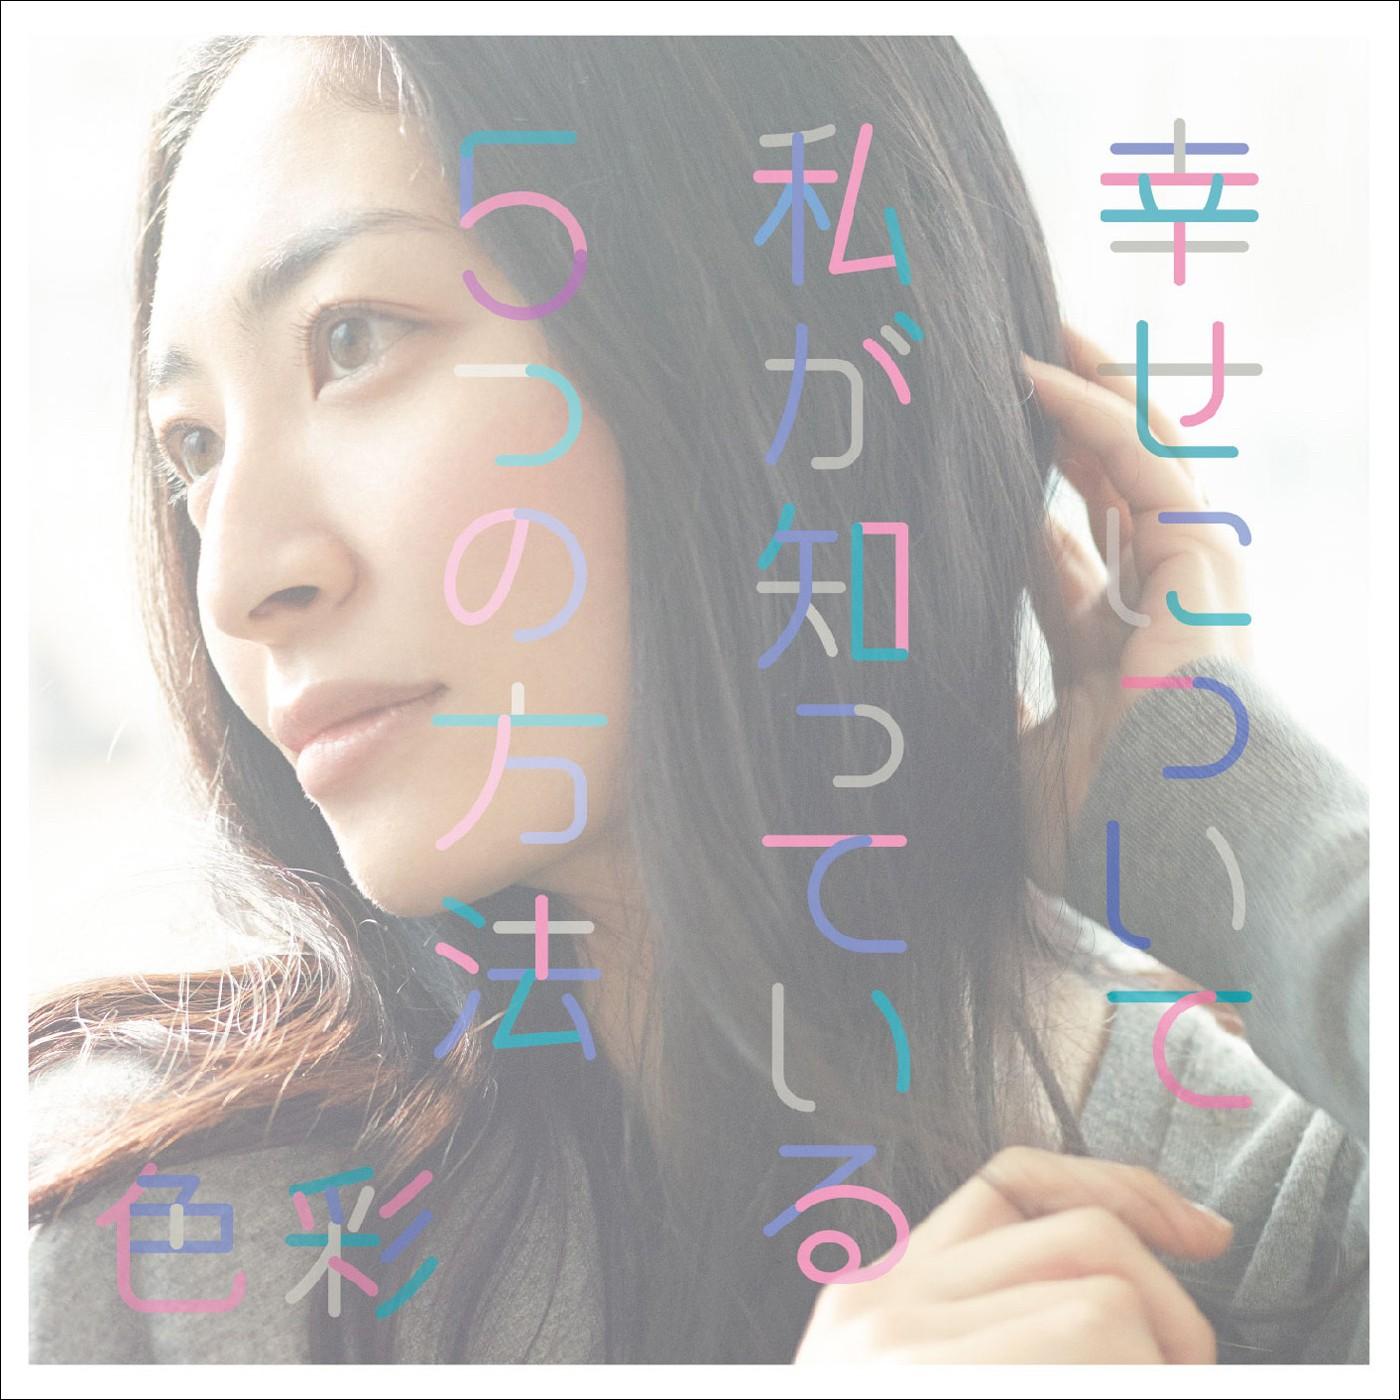 坂本真綾 (Maaya Sakamoto) – 幸せについて私が知っている5つの方法 / 色彩 [Mora FLAC 24bit/96kHz]